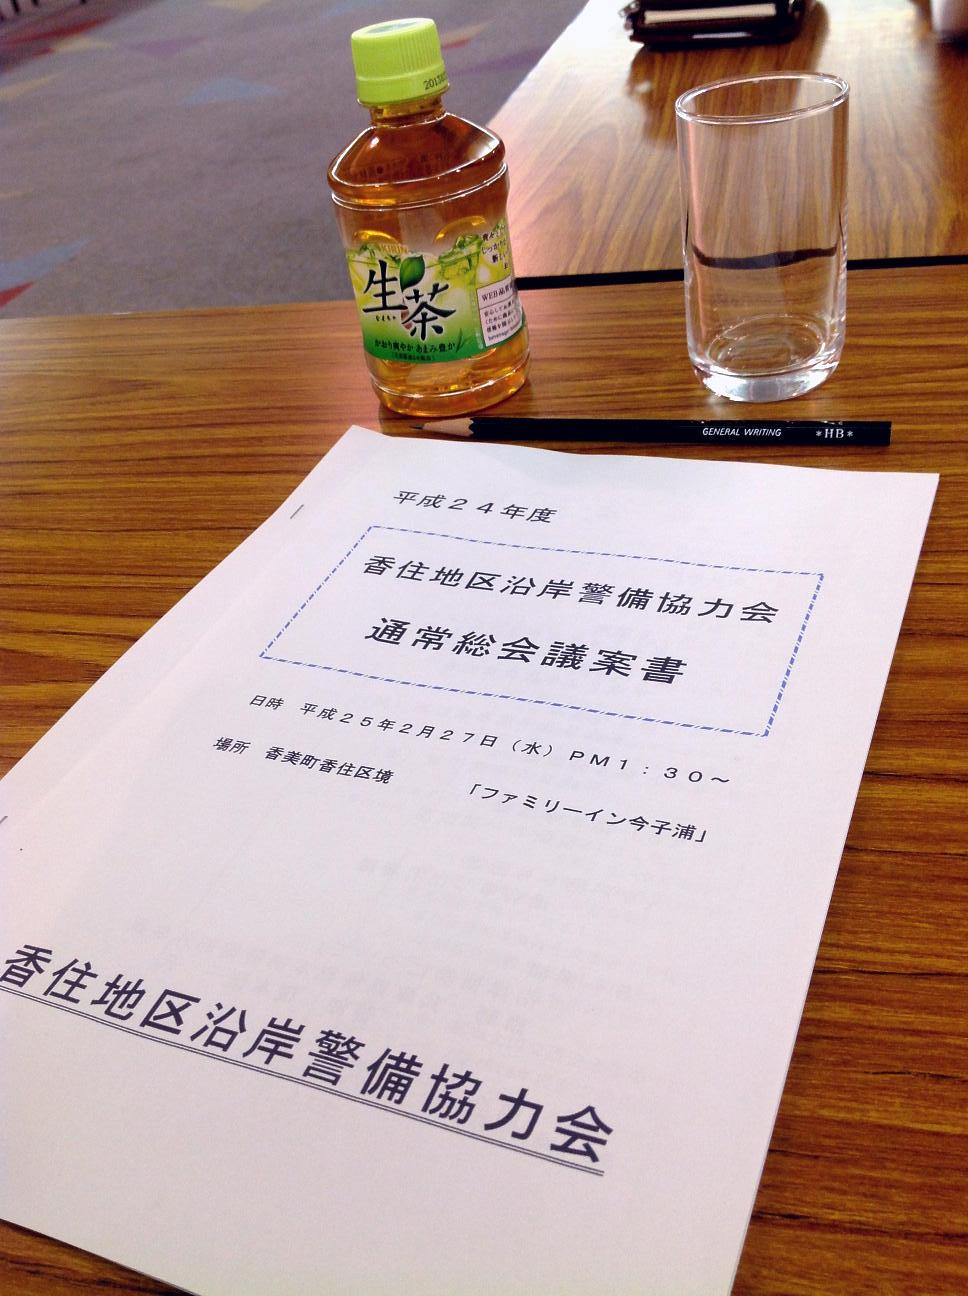 北朝鮮、工作船、、、昨日は香住地区沿岸警備協力会の総会に出席してきました☆